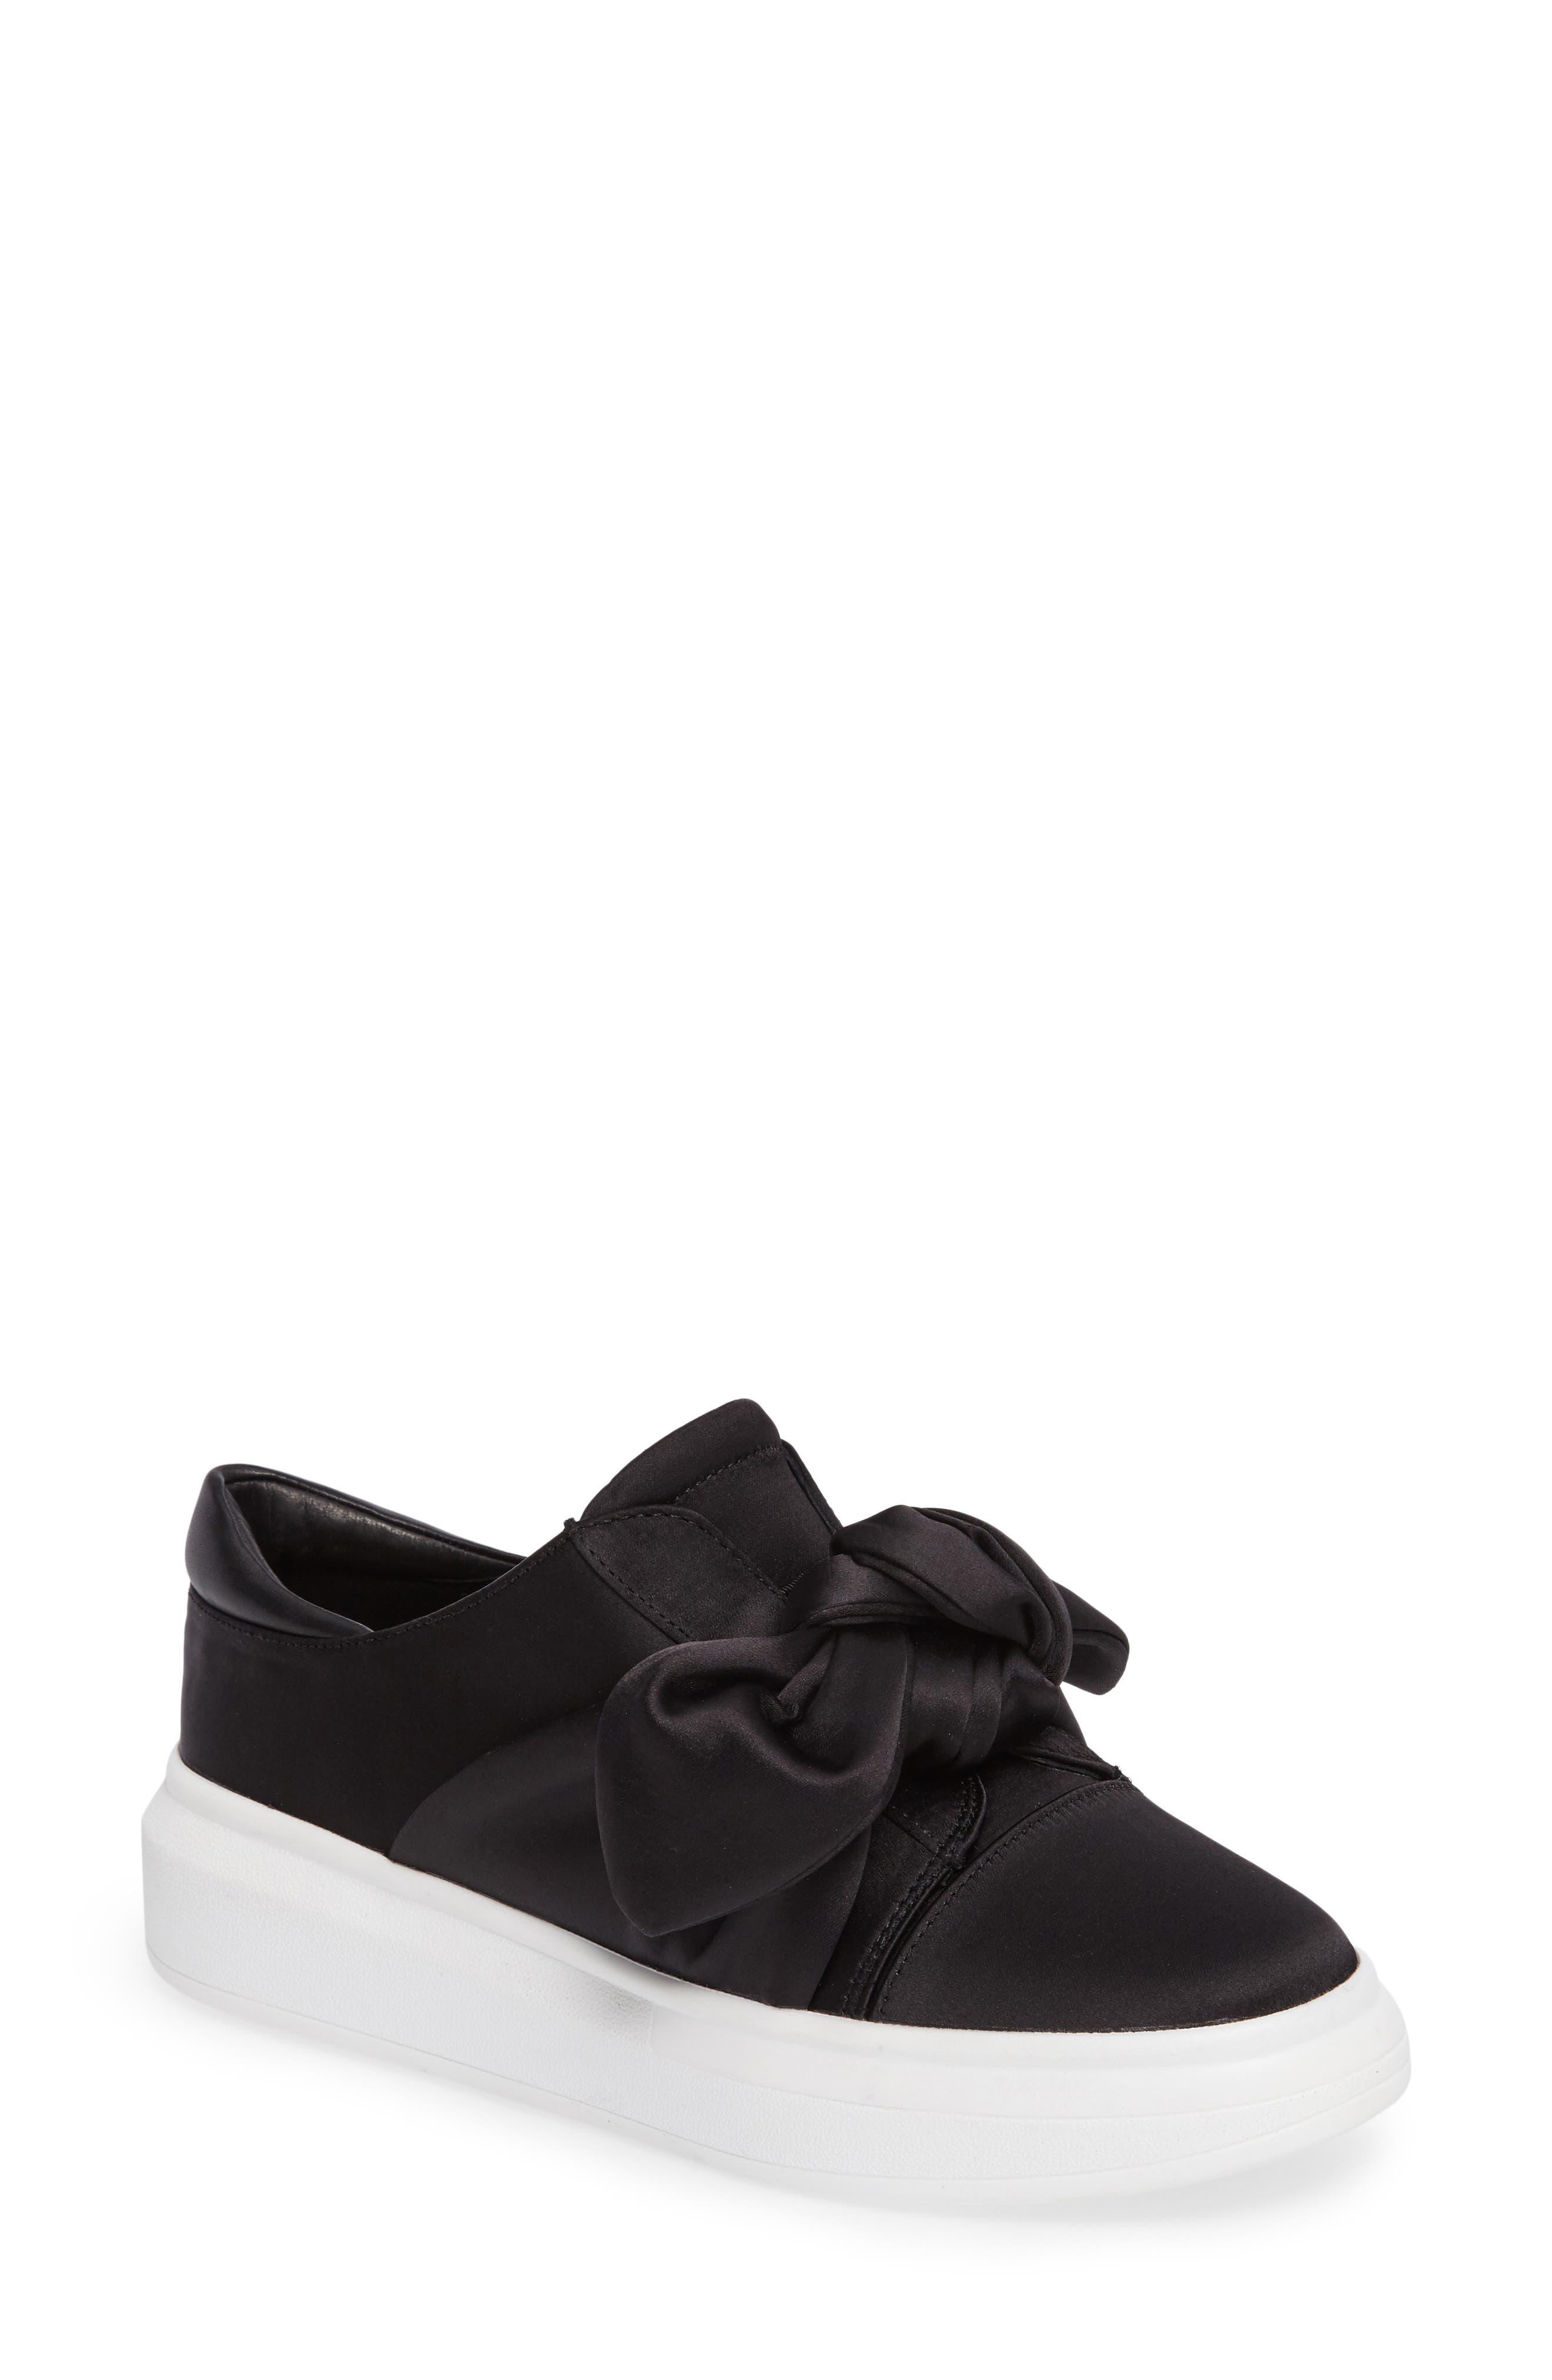 Shellys London Edgar Slip-On Sneaker (Women)